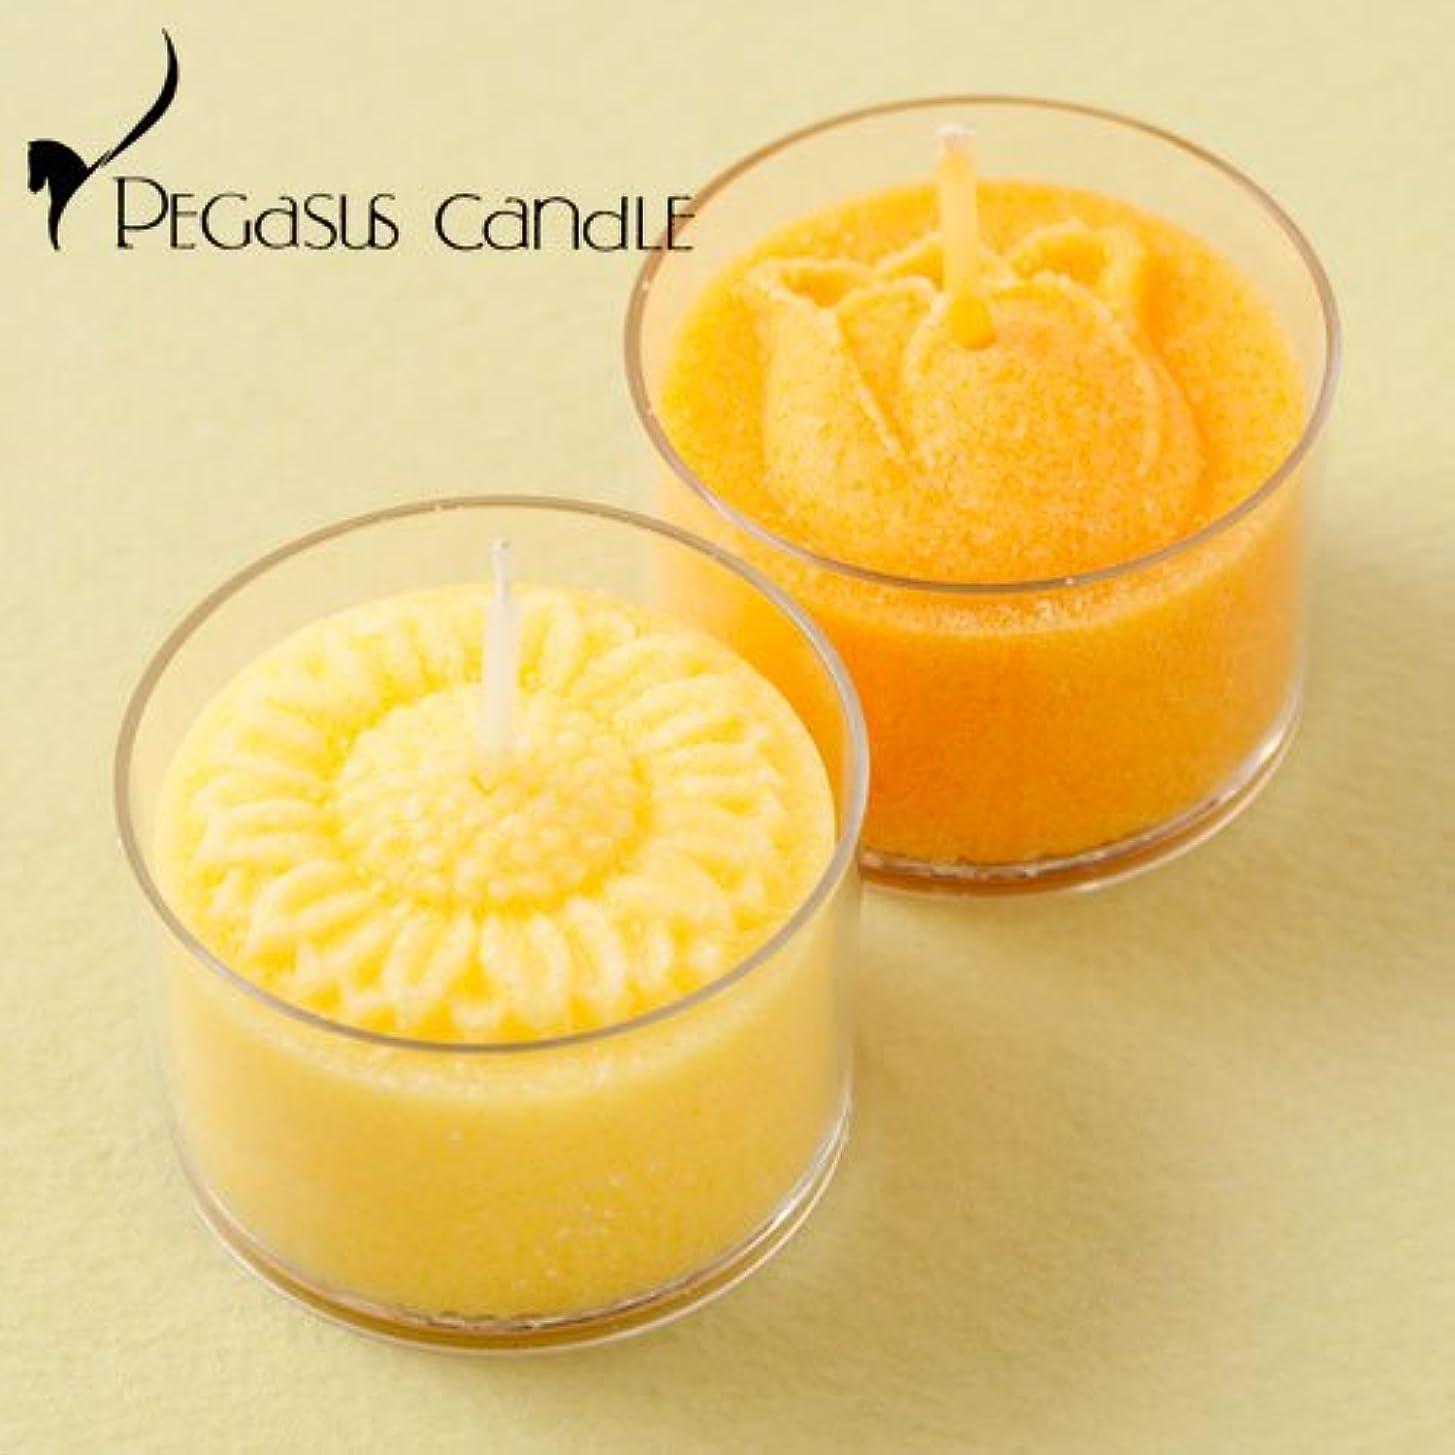 リブ摩擦化石花暦ヒマワリ?チューリップ花の形のキャンドル2個セット(無香タイプ)ペガサスキャンドルFlower shaped candle